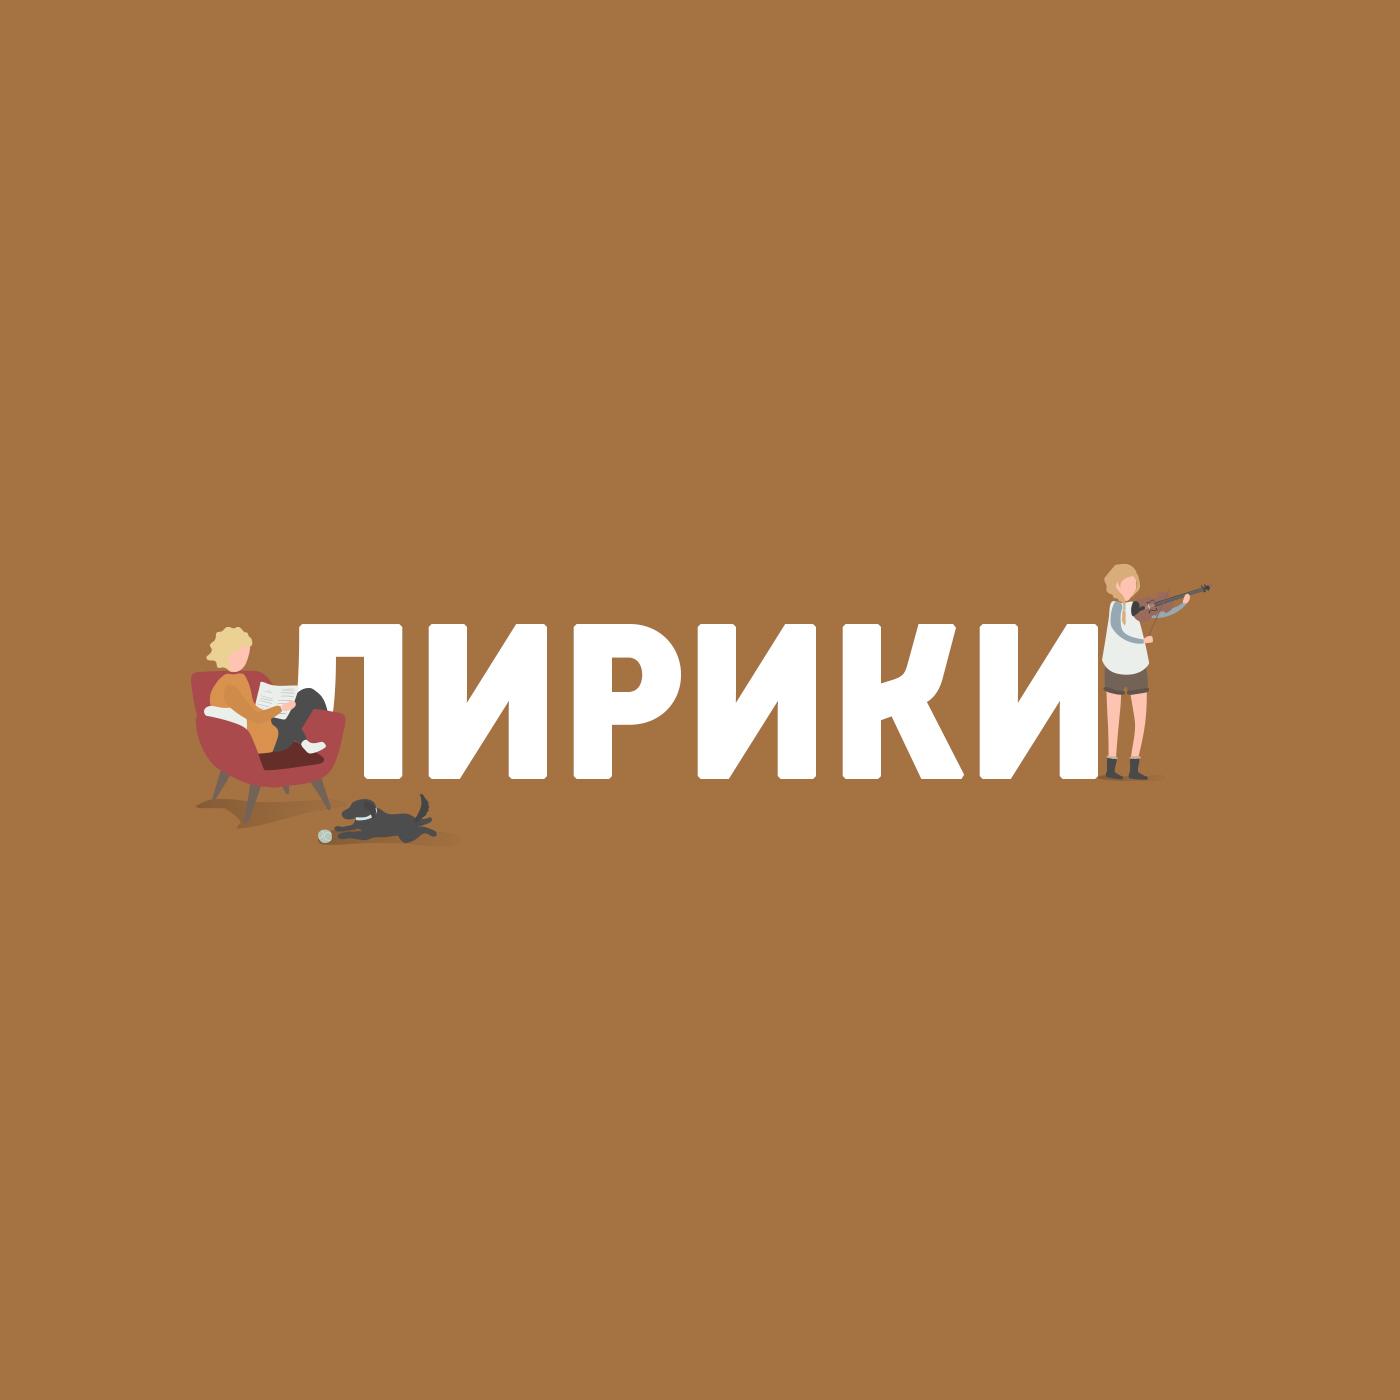 Маргарита Митрофанова Современное искусство все цены